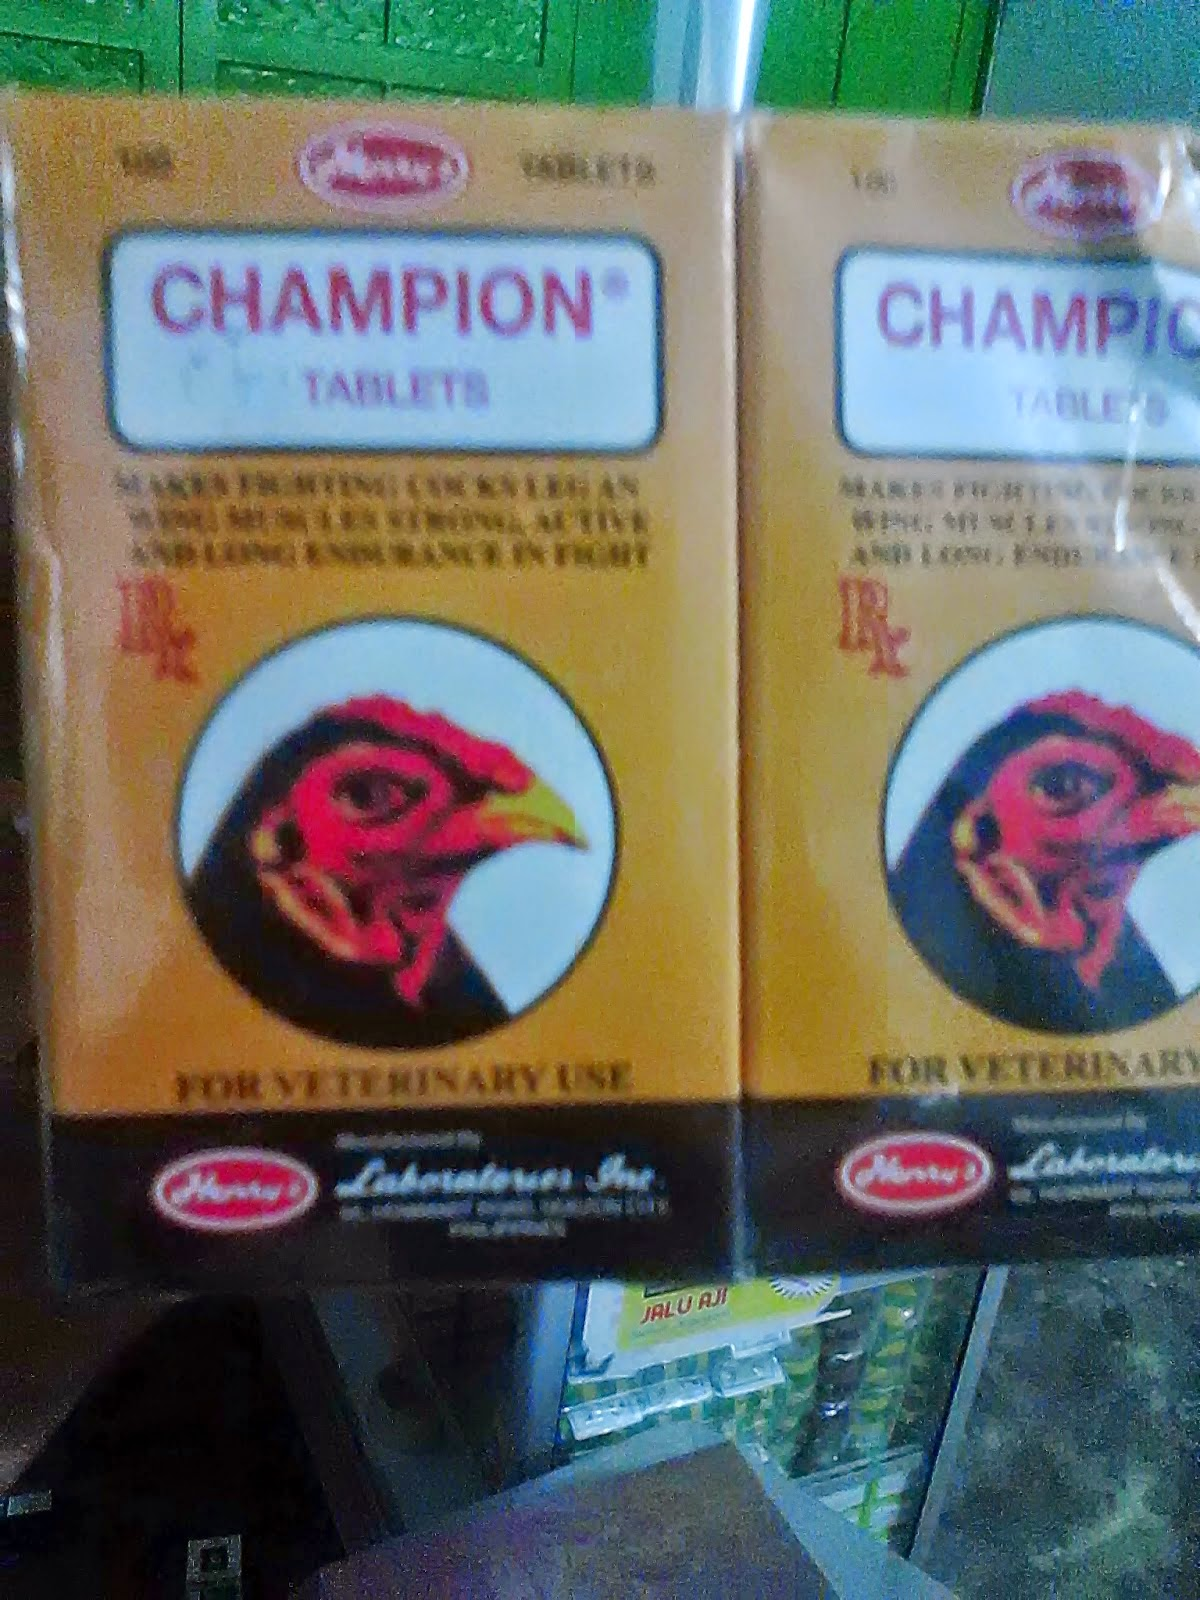 Distributor Obat Dan Doping Ayam Petarung Taji Bangkok Pekanbaru Jamu Merpati Superkuat Champion Khusus